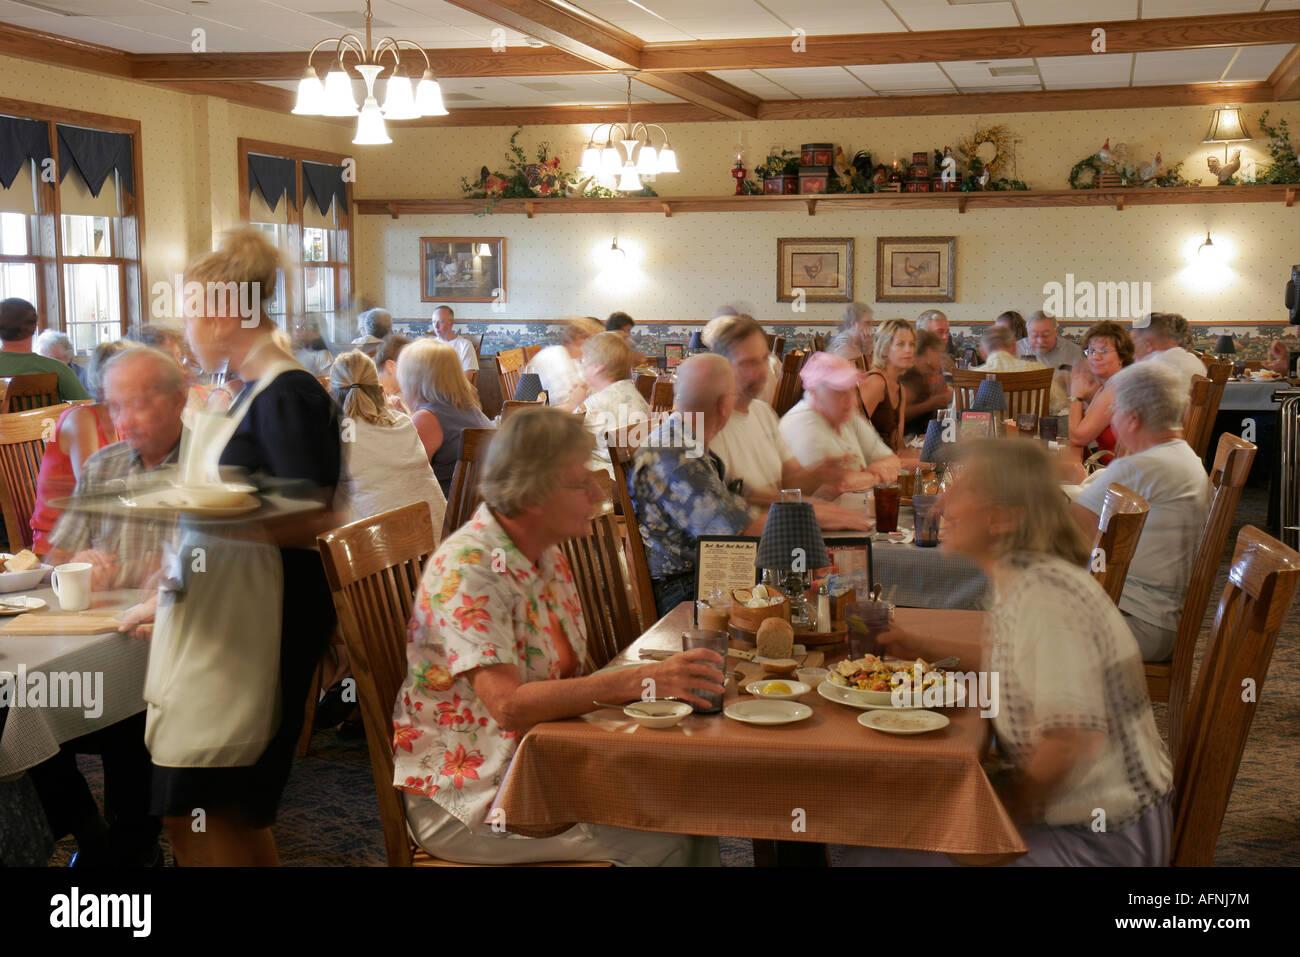 Indiana Shipshewana The Blue Gate Restaurant And Bakery Amish Dining